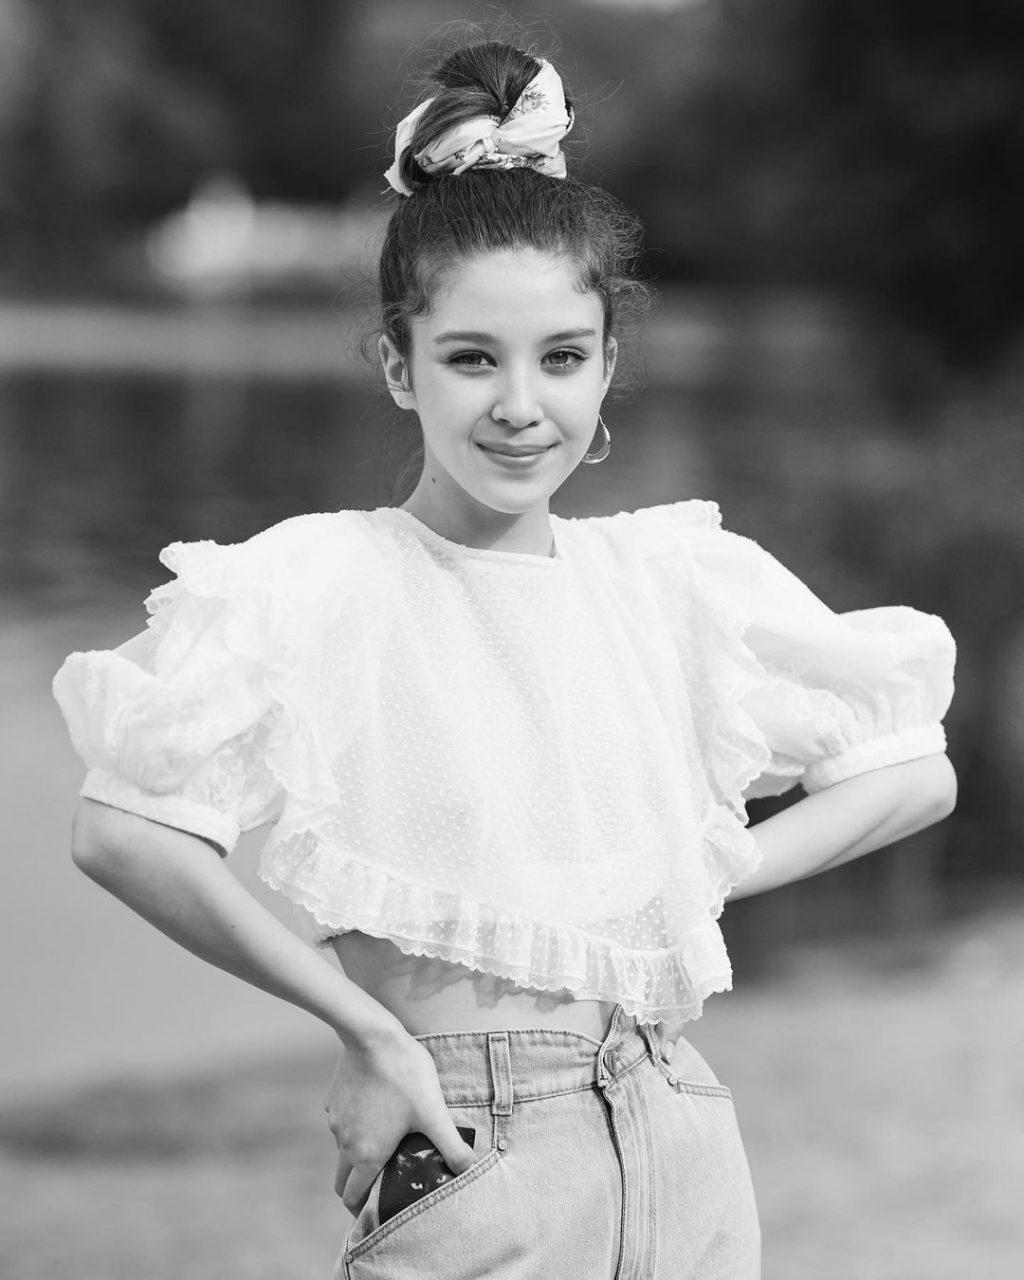 Модельер Ульяна Сергеенко в подростковом возрасте